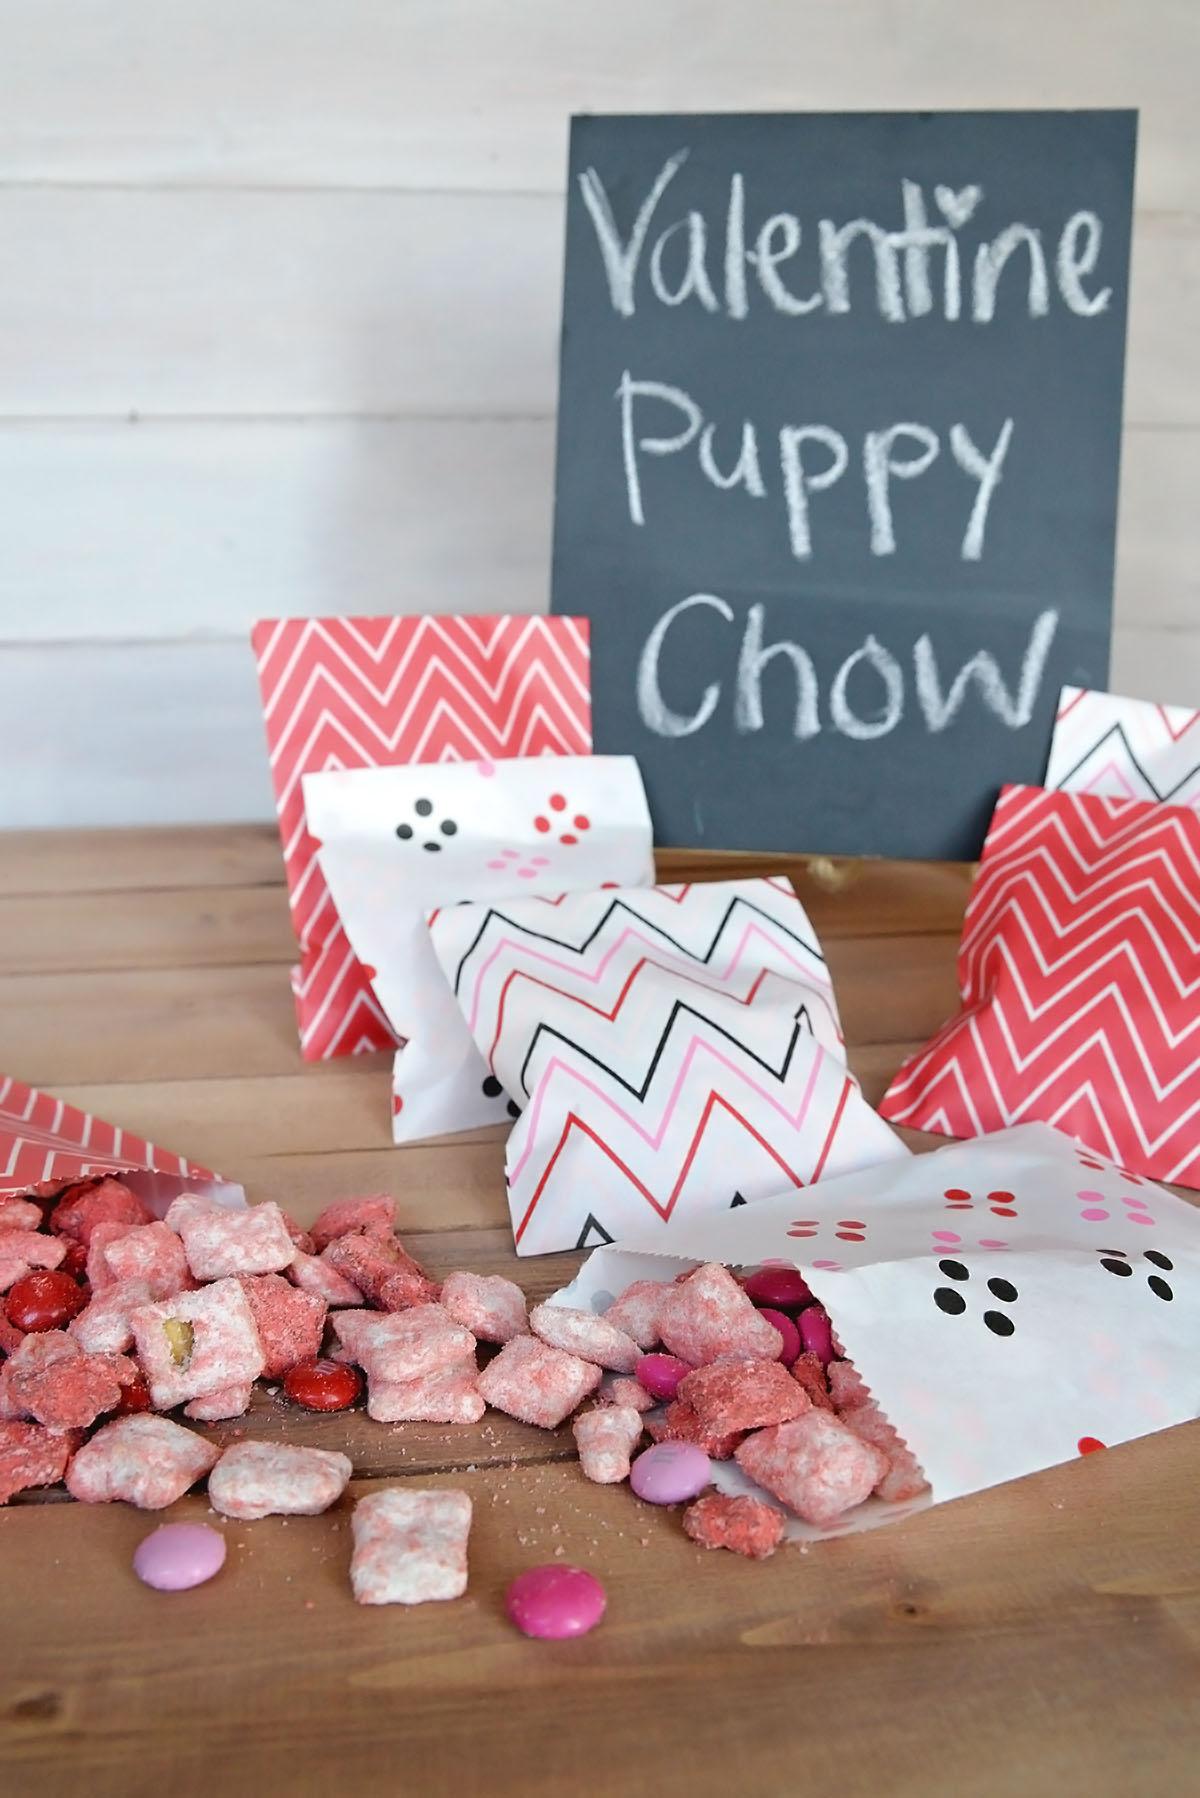 Valentine Puppy Chow